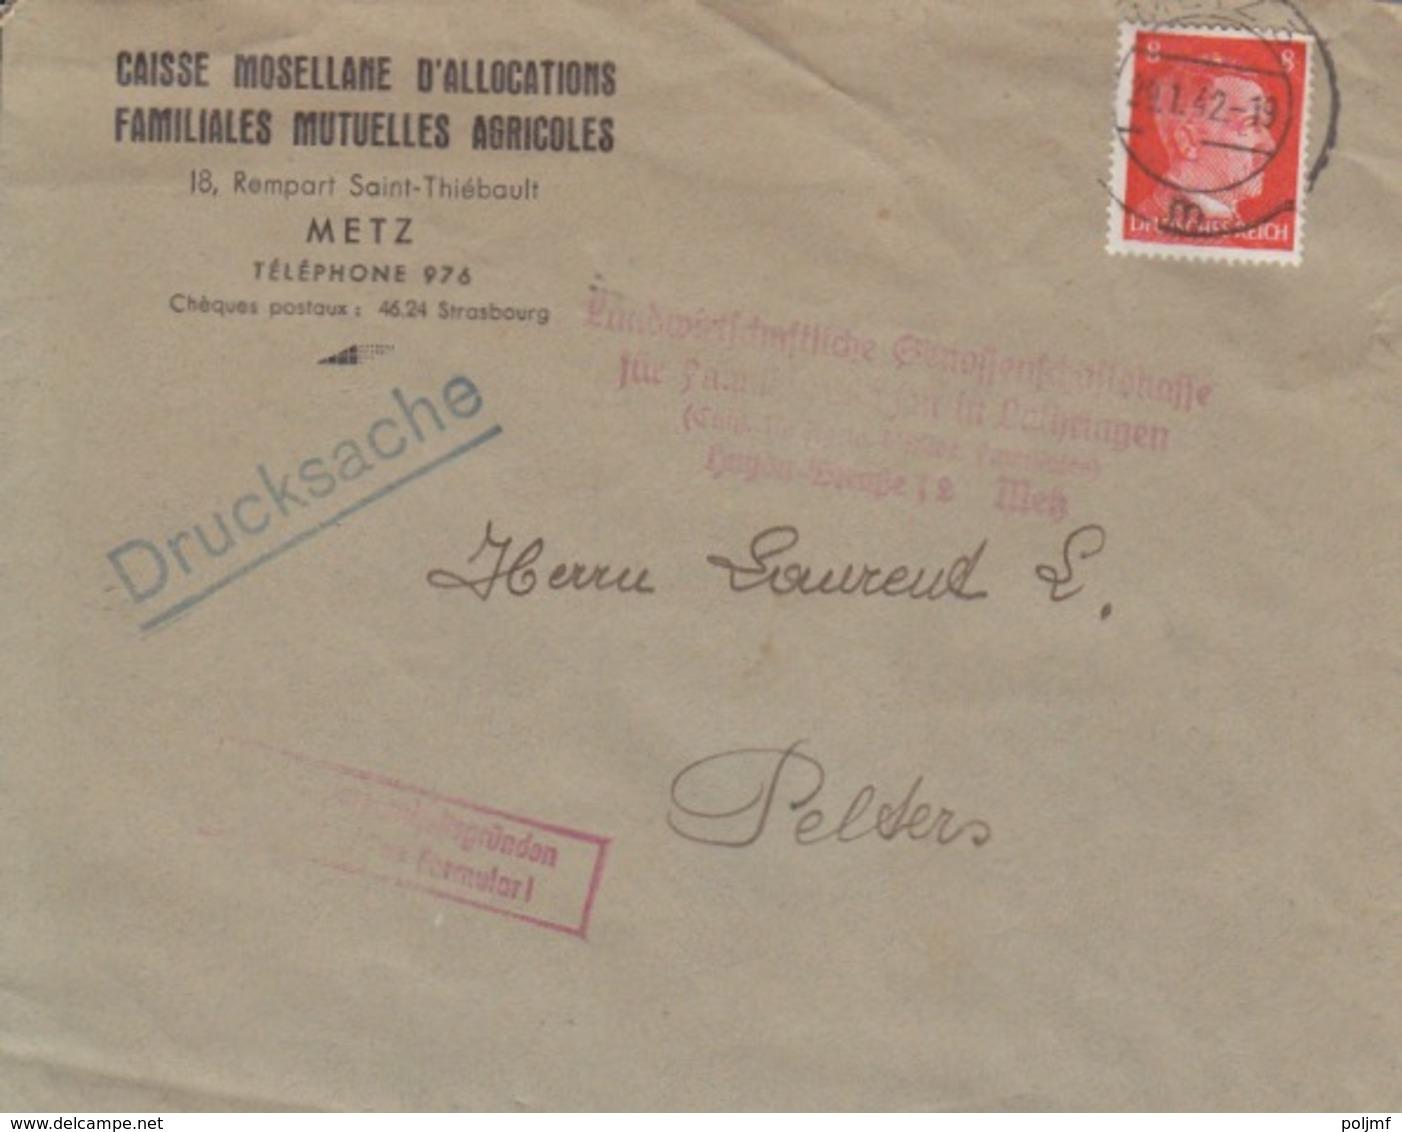 Lettre à Entête (caisse Mosellane D'allocations) De Metz (T326 Metz 3m) TP Reich 8pg=1°imp Le 29/1/42 Pour Peltre - Postmark Collection (Covers)